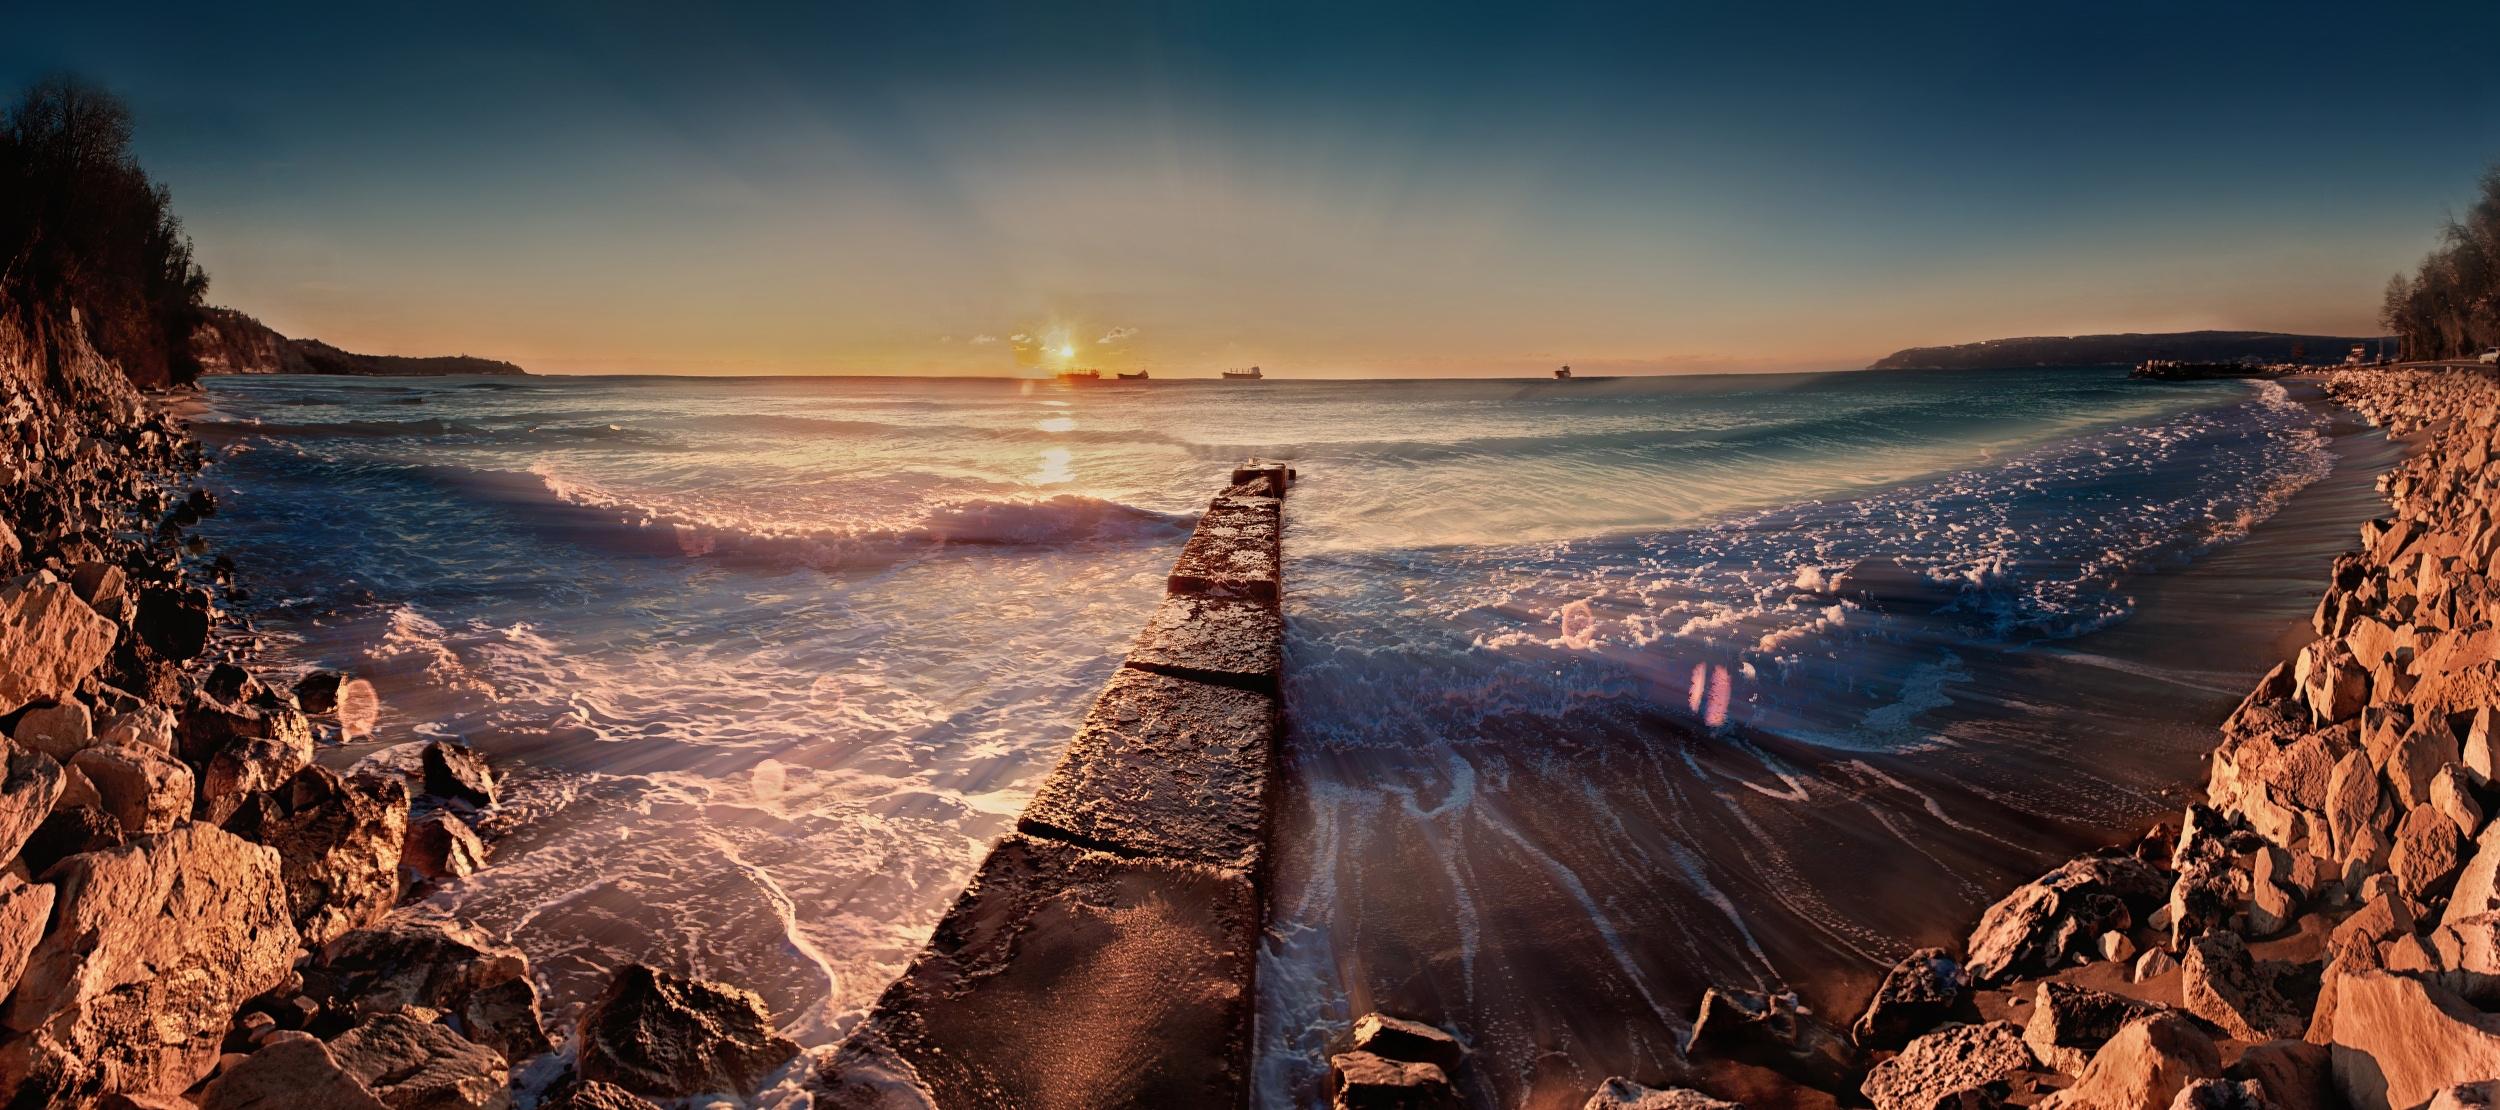 море берег камни закат sea shore stones sunset  № 1033141 бесплатно